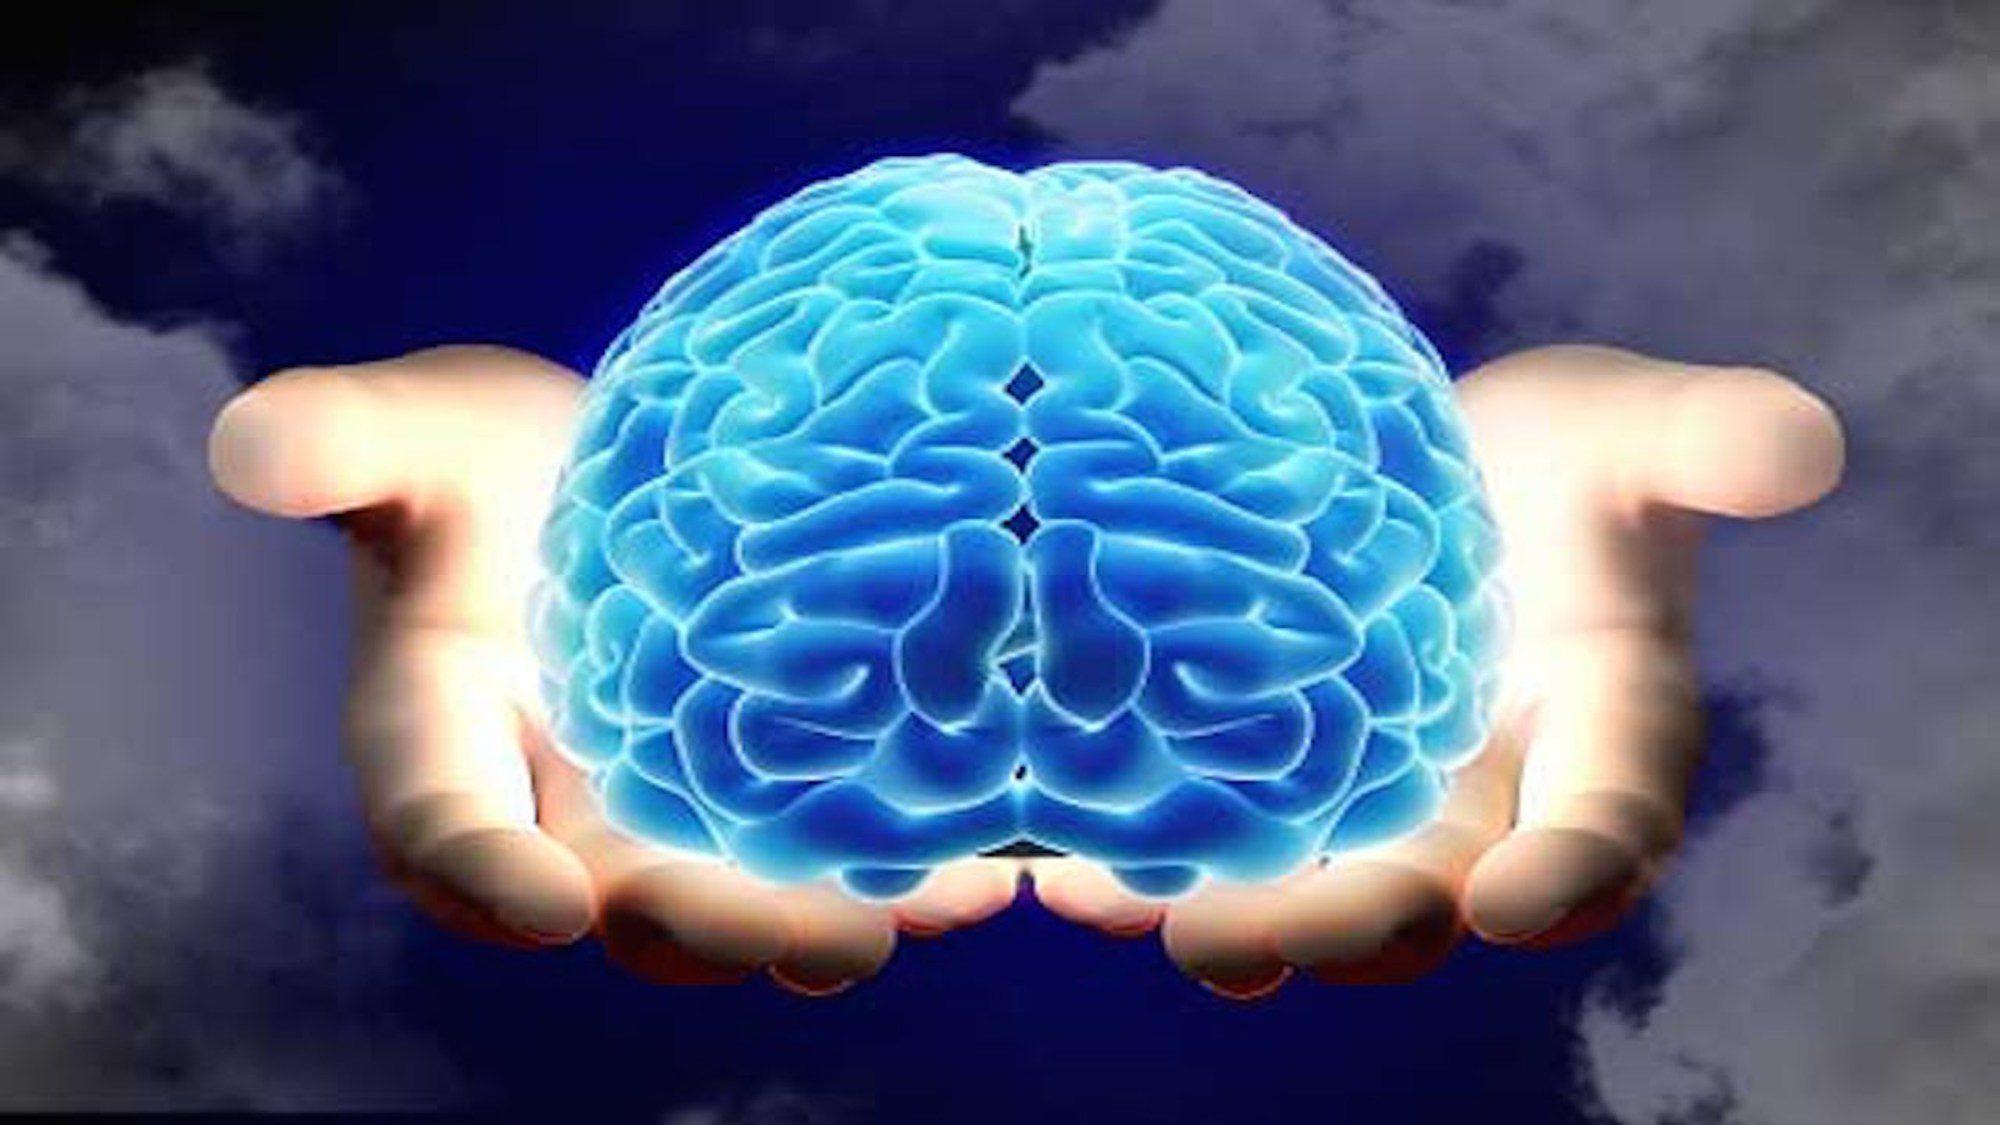 Isten hozta létre az agyunkat, vagy fordítva? – 3. rész